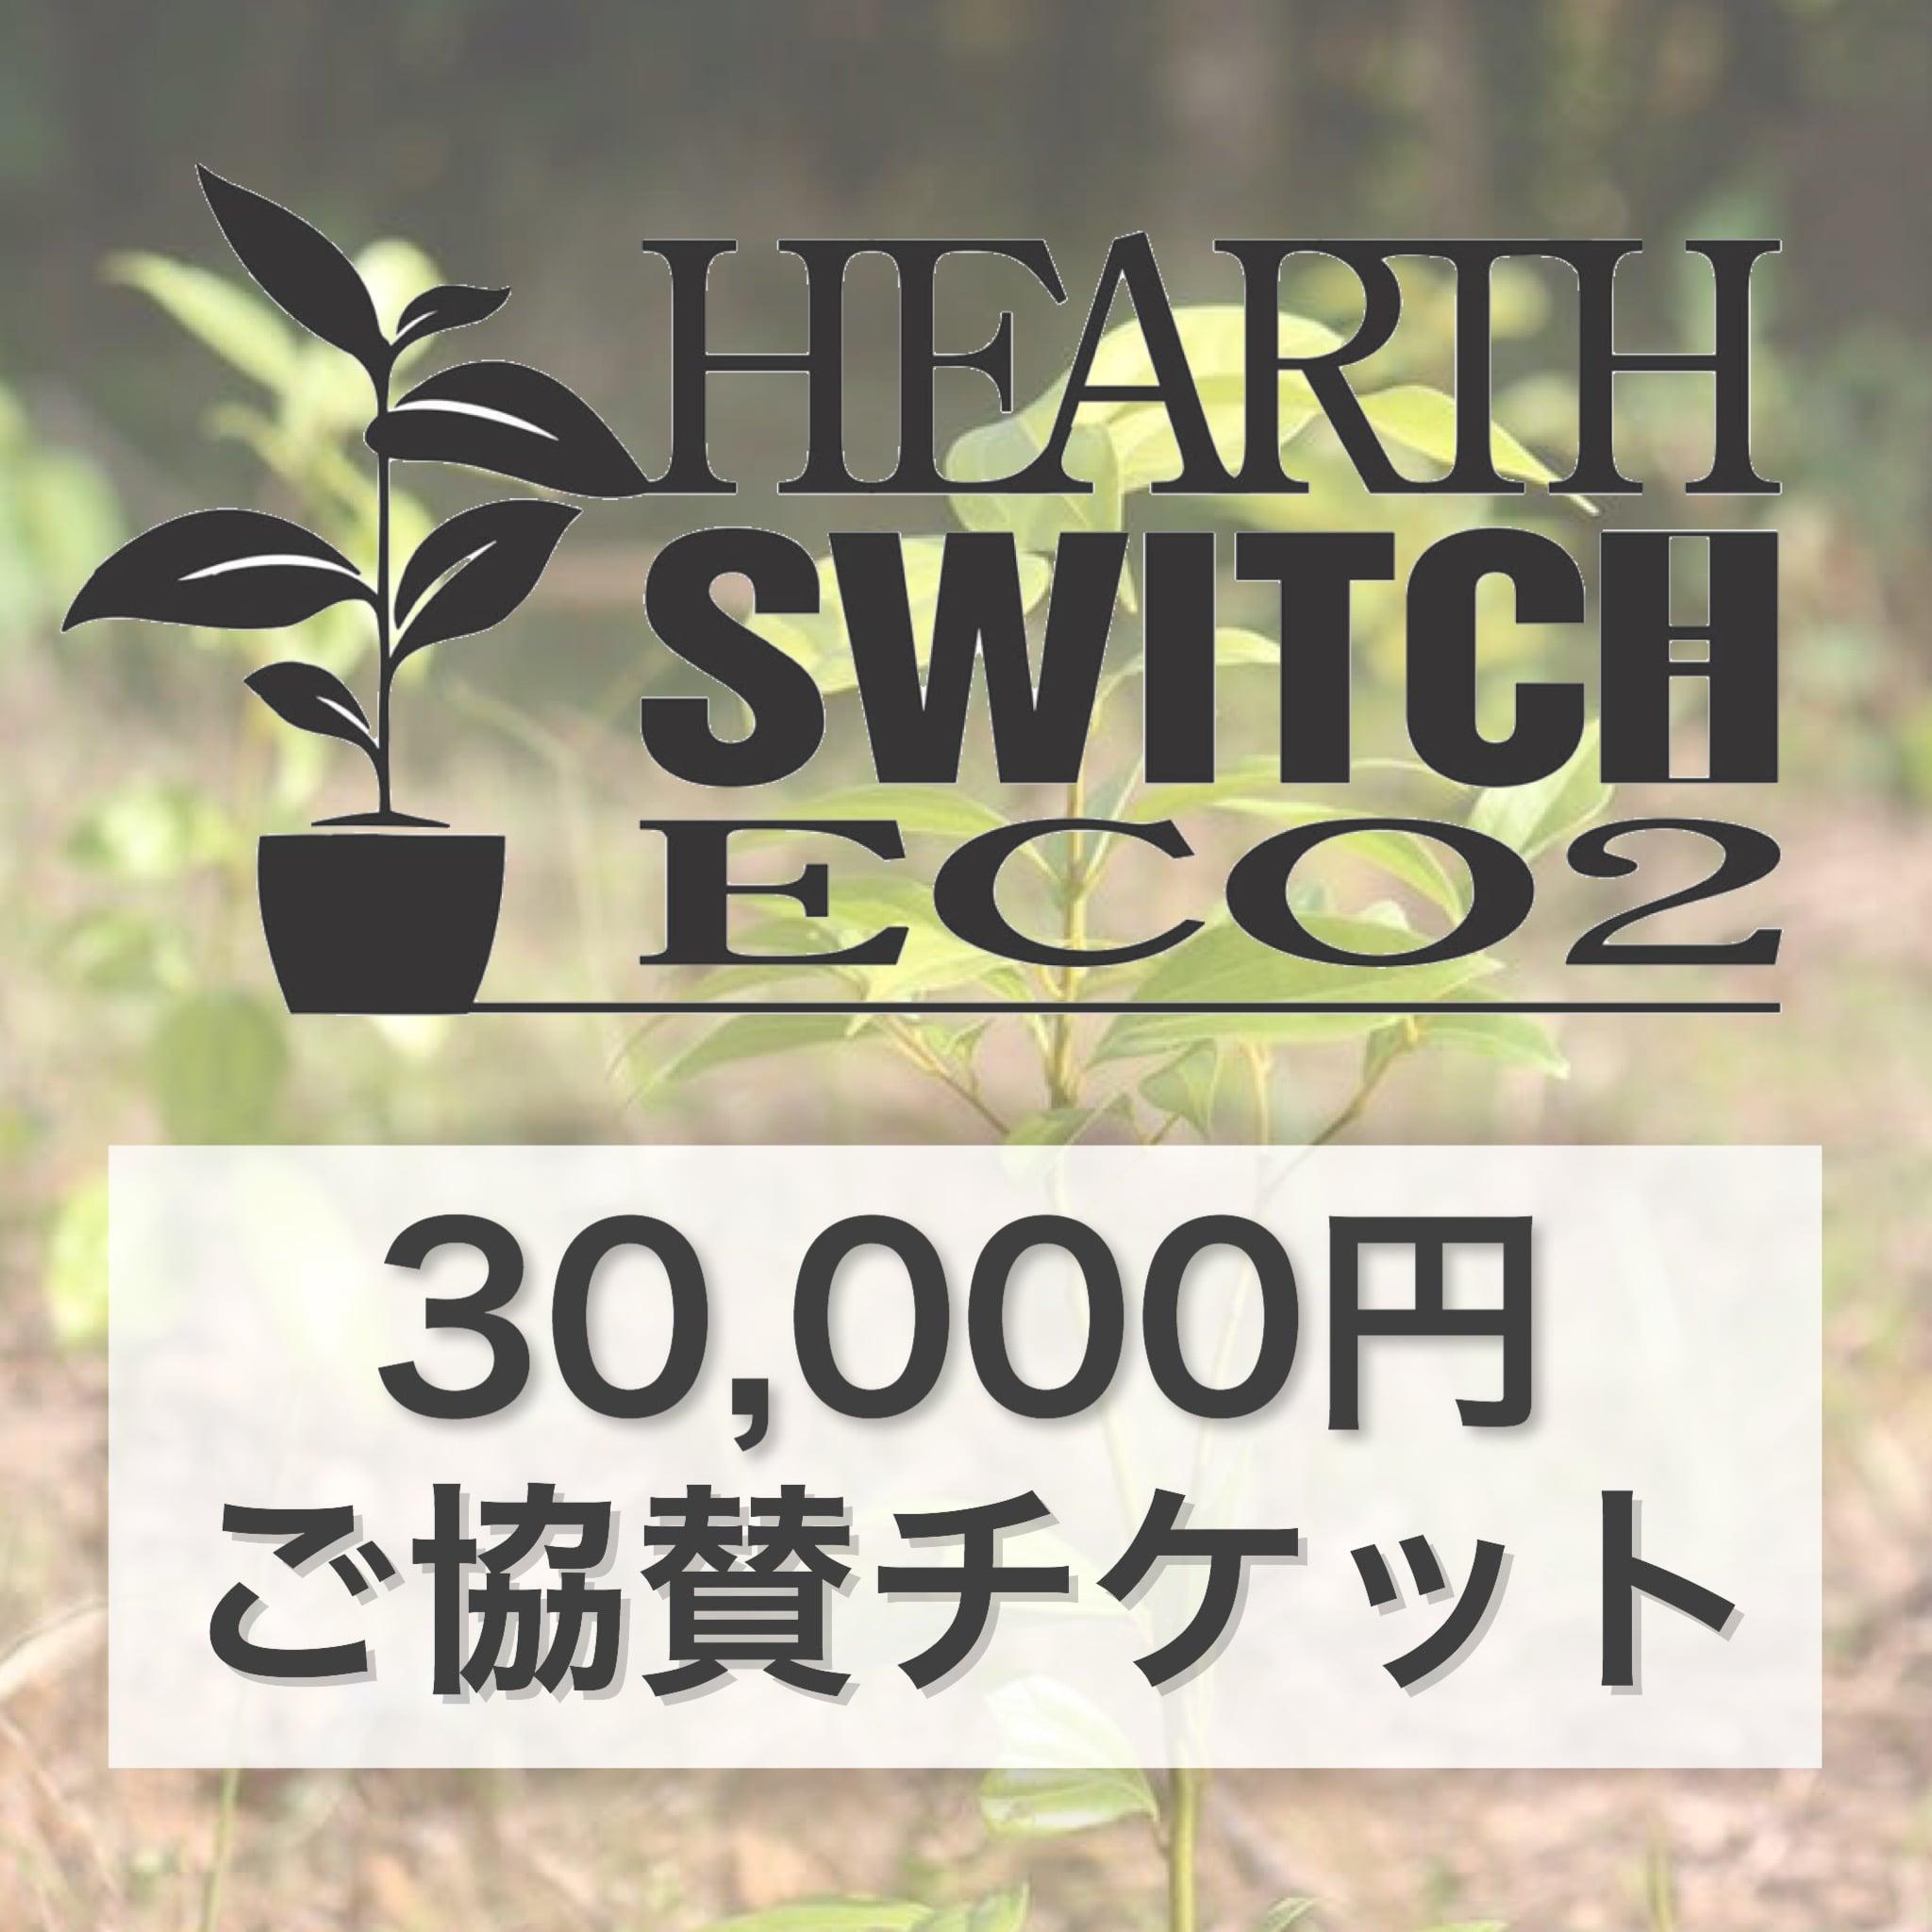 ◆30,000円ご協賛チケット◆HEARTH SWITCH-ハーススイッチeco2のイメージその1